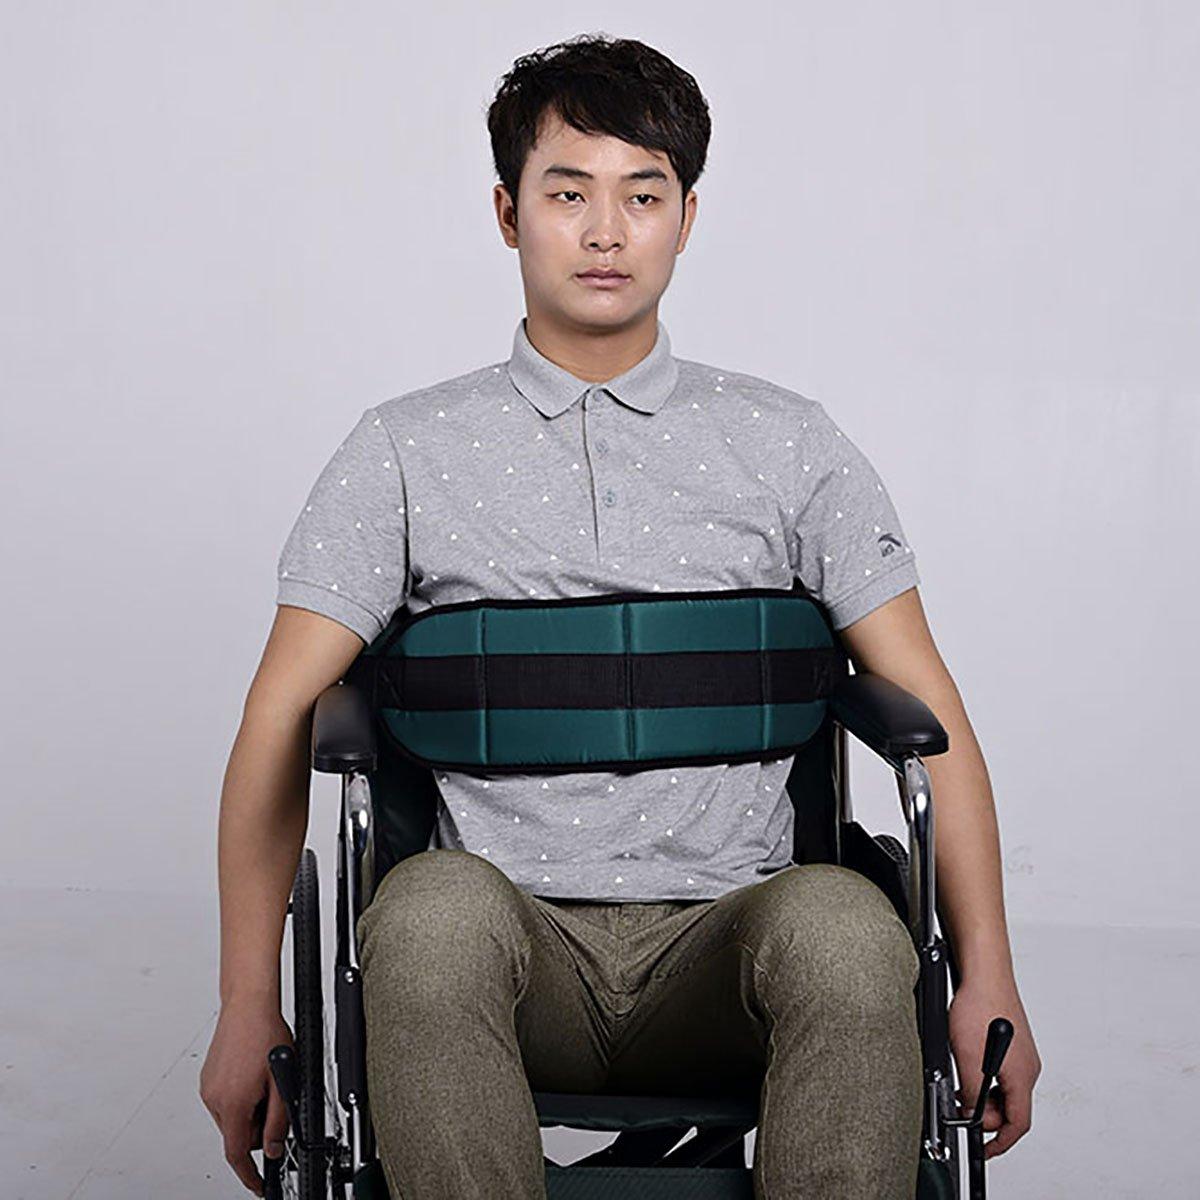 Amazon.com: skil-care suave cojín cinturón, para silla de ...